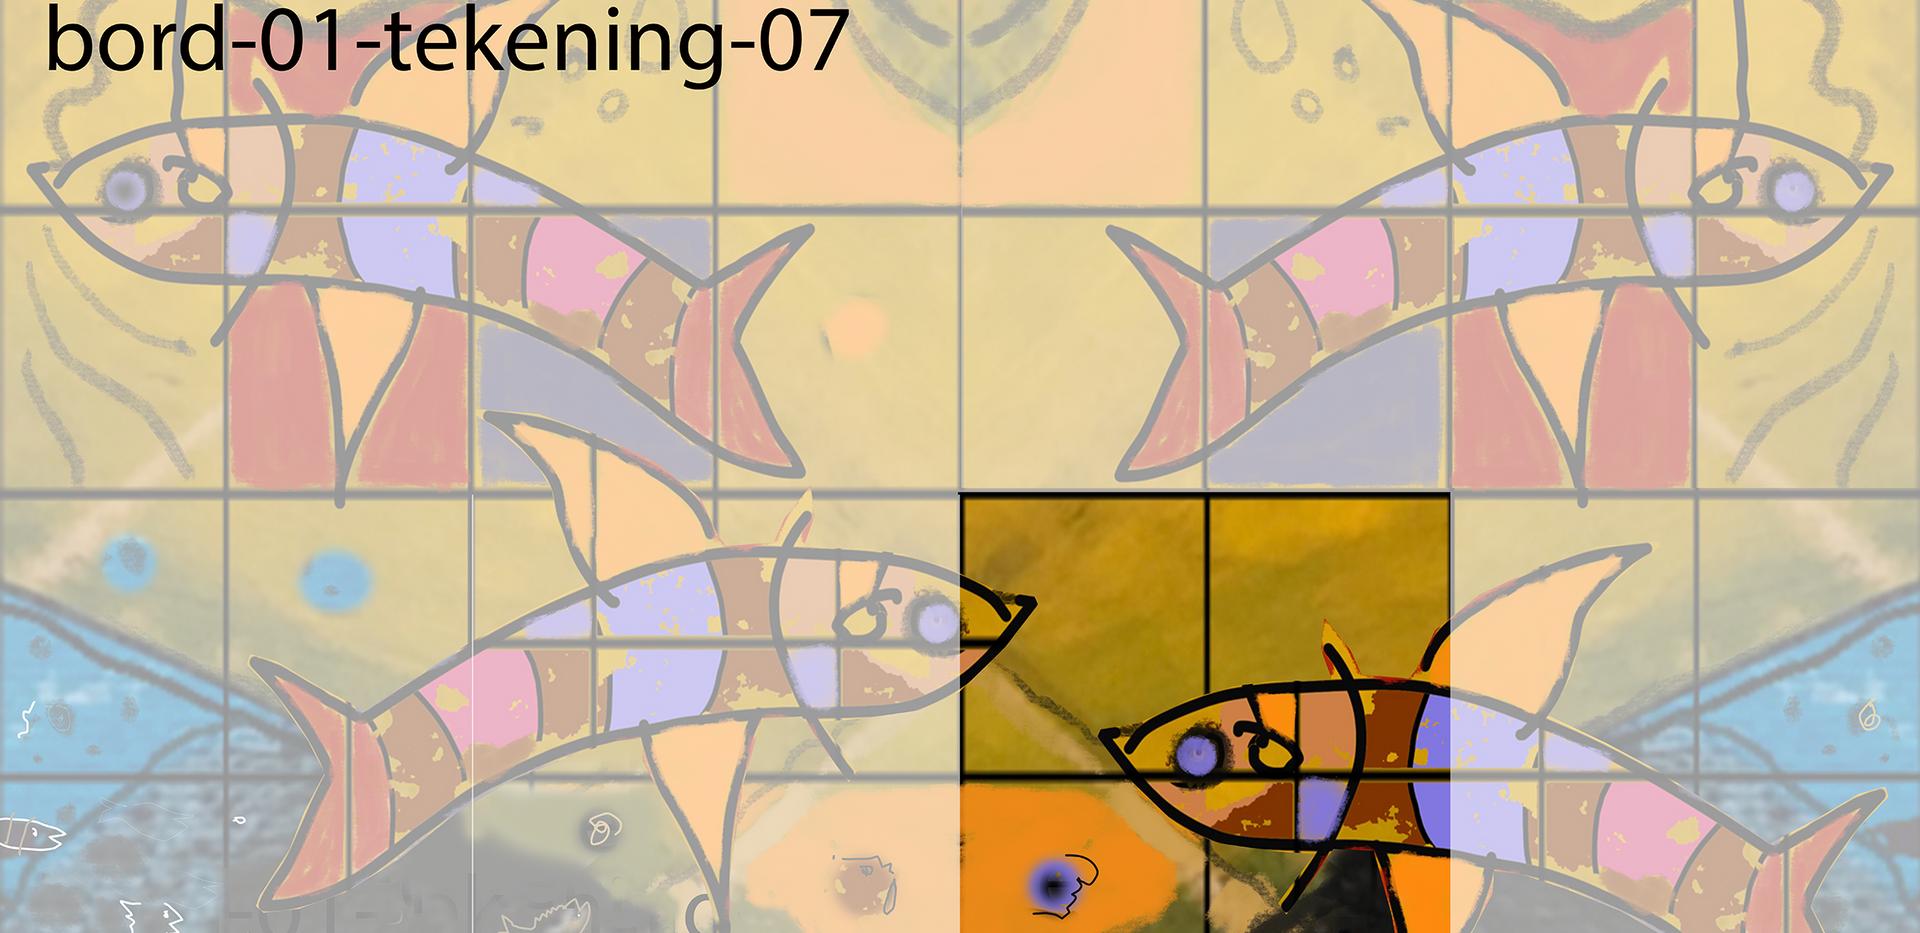 bord-01-tekening-07.png